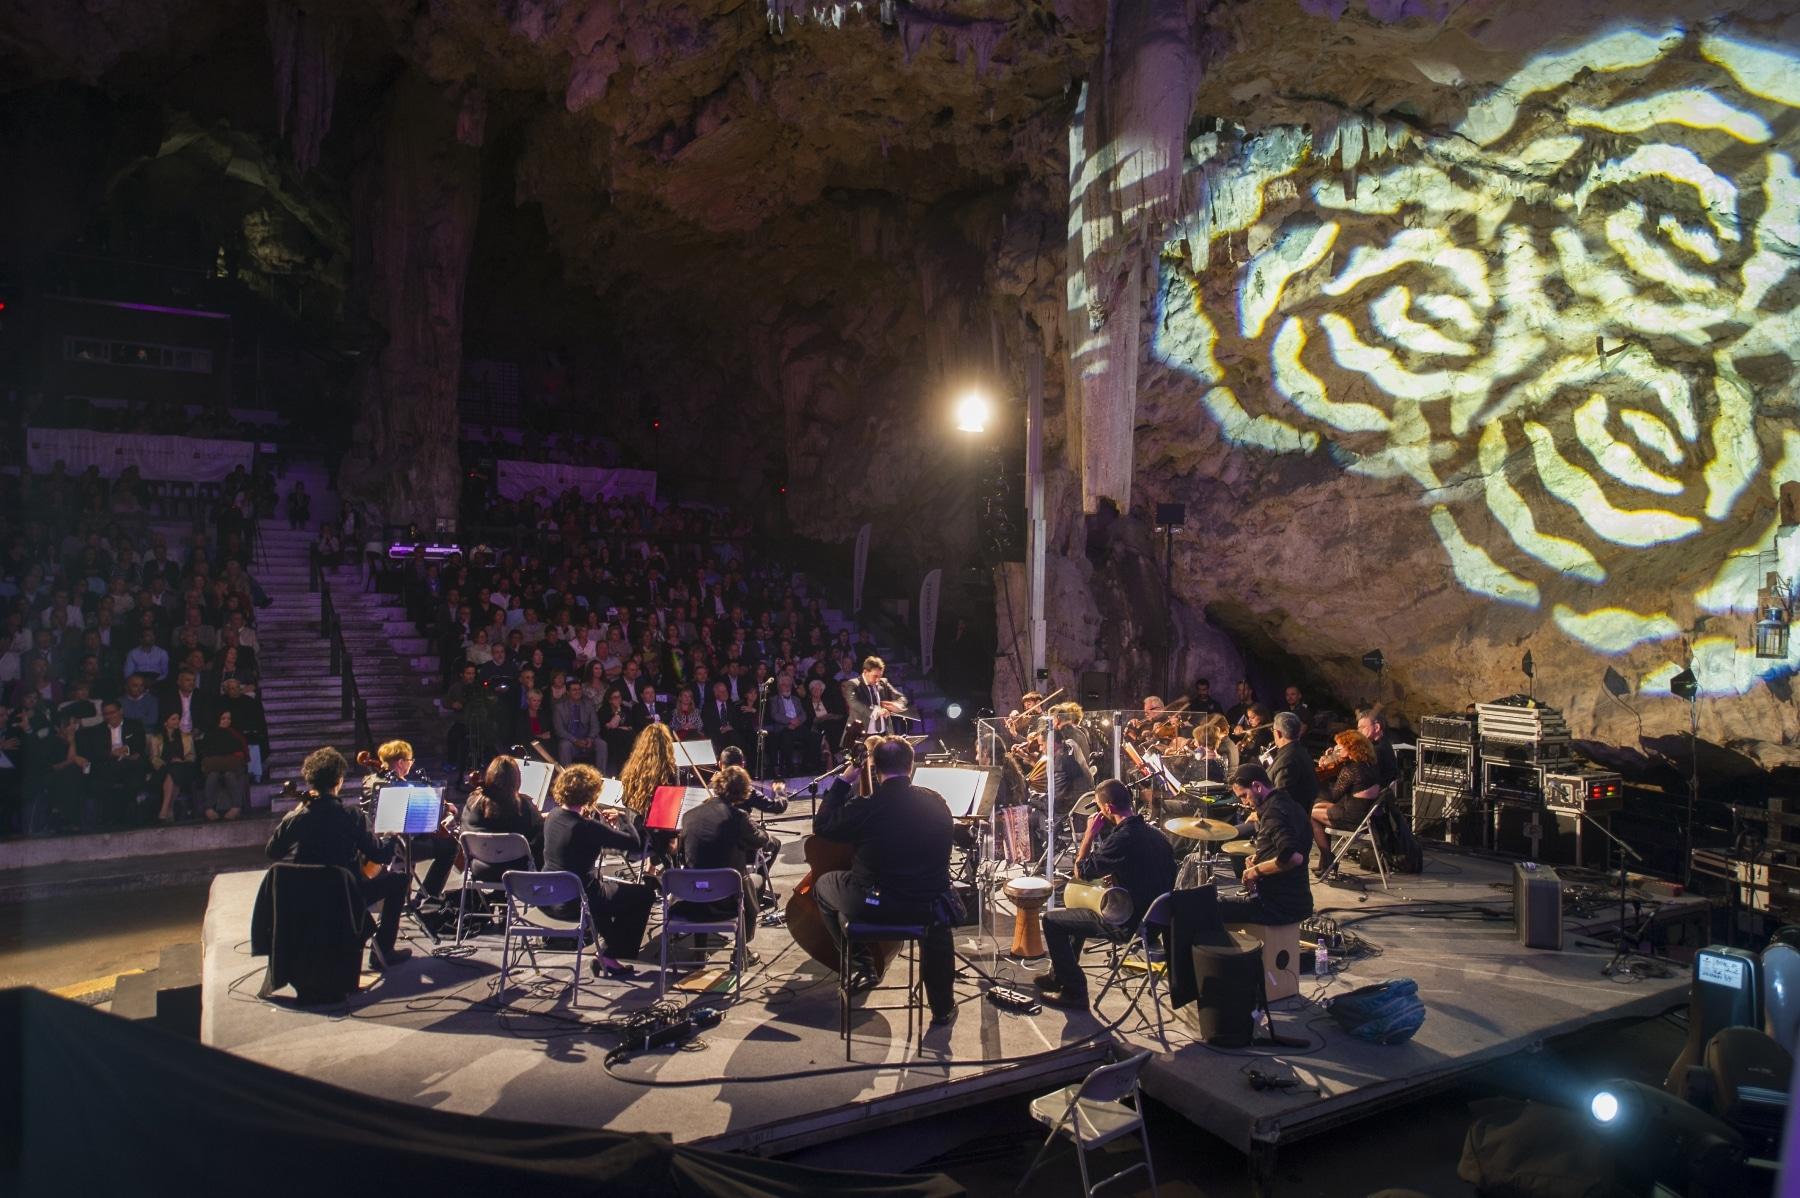 gibraltar-world-music-festival-dia-2-yasmin-levy-mediterranean-andalusian-orchestra-ashkelon-18_9225492154_o